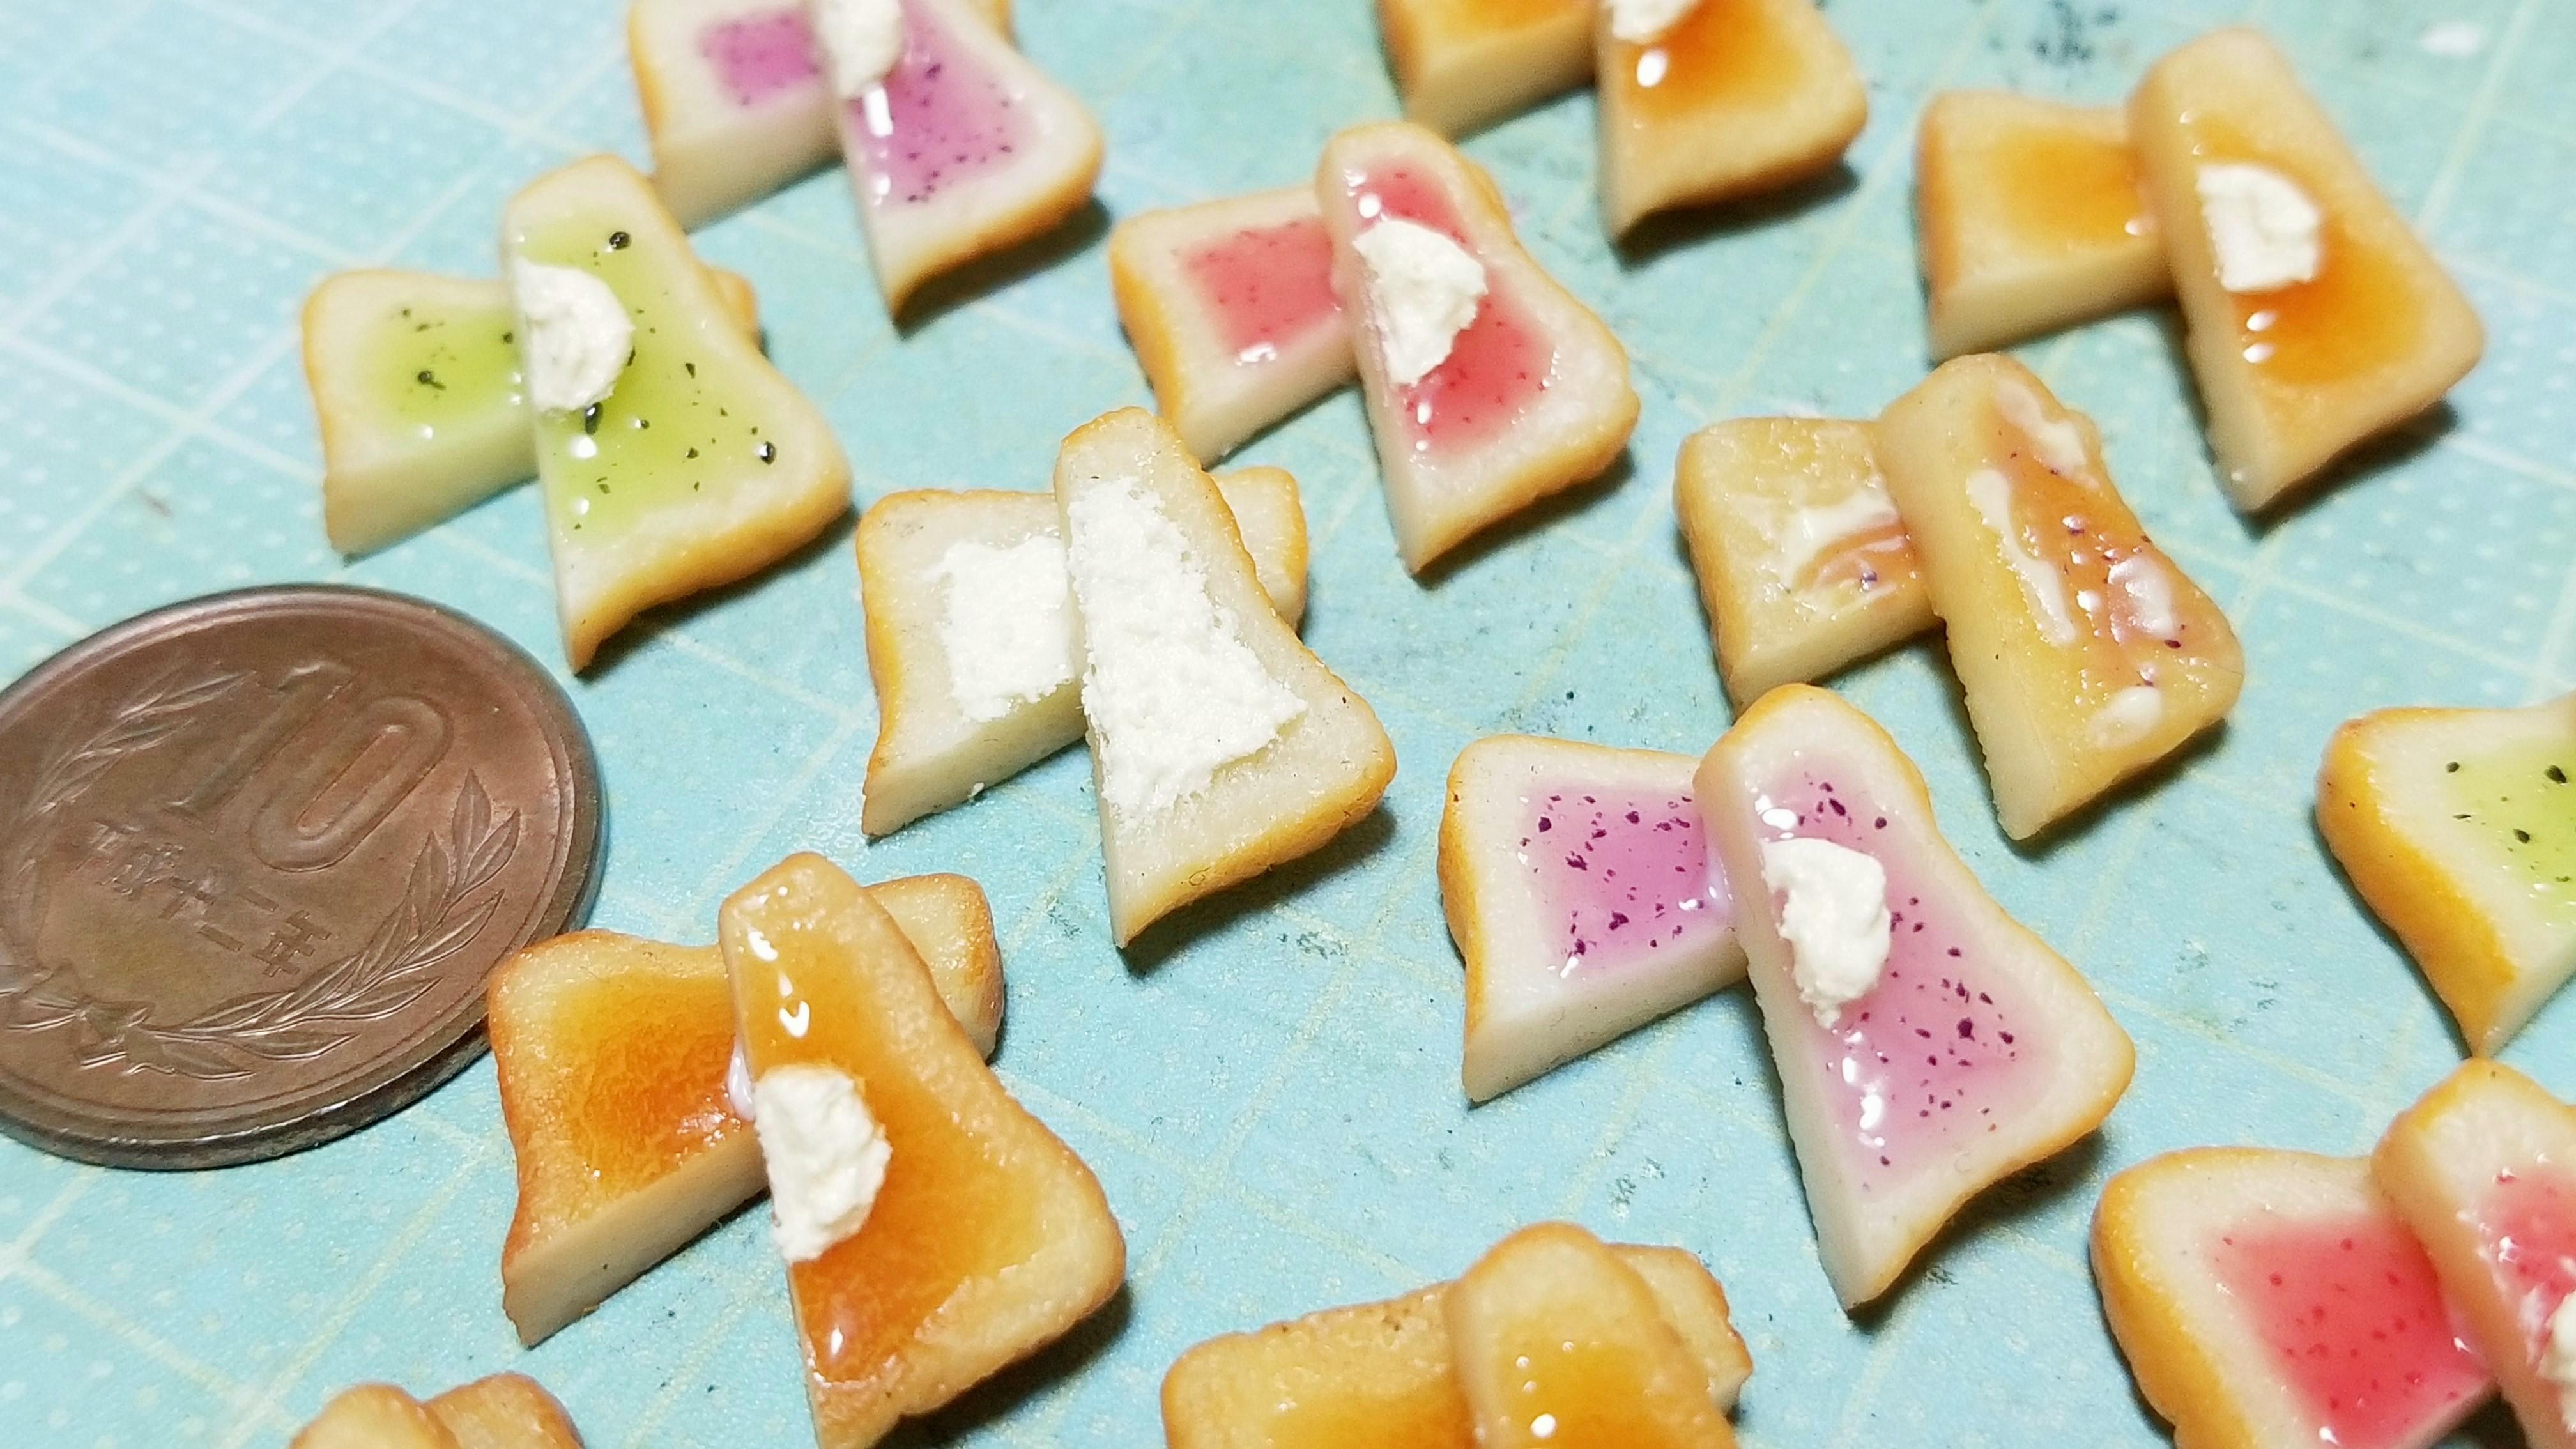 ミニチュアフード食品サンプルパントースト可愛い作り方アレンジ小物